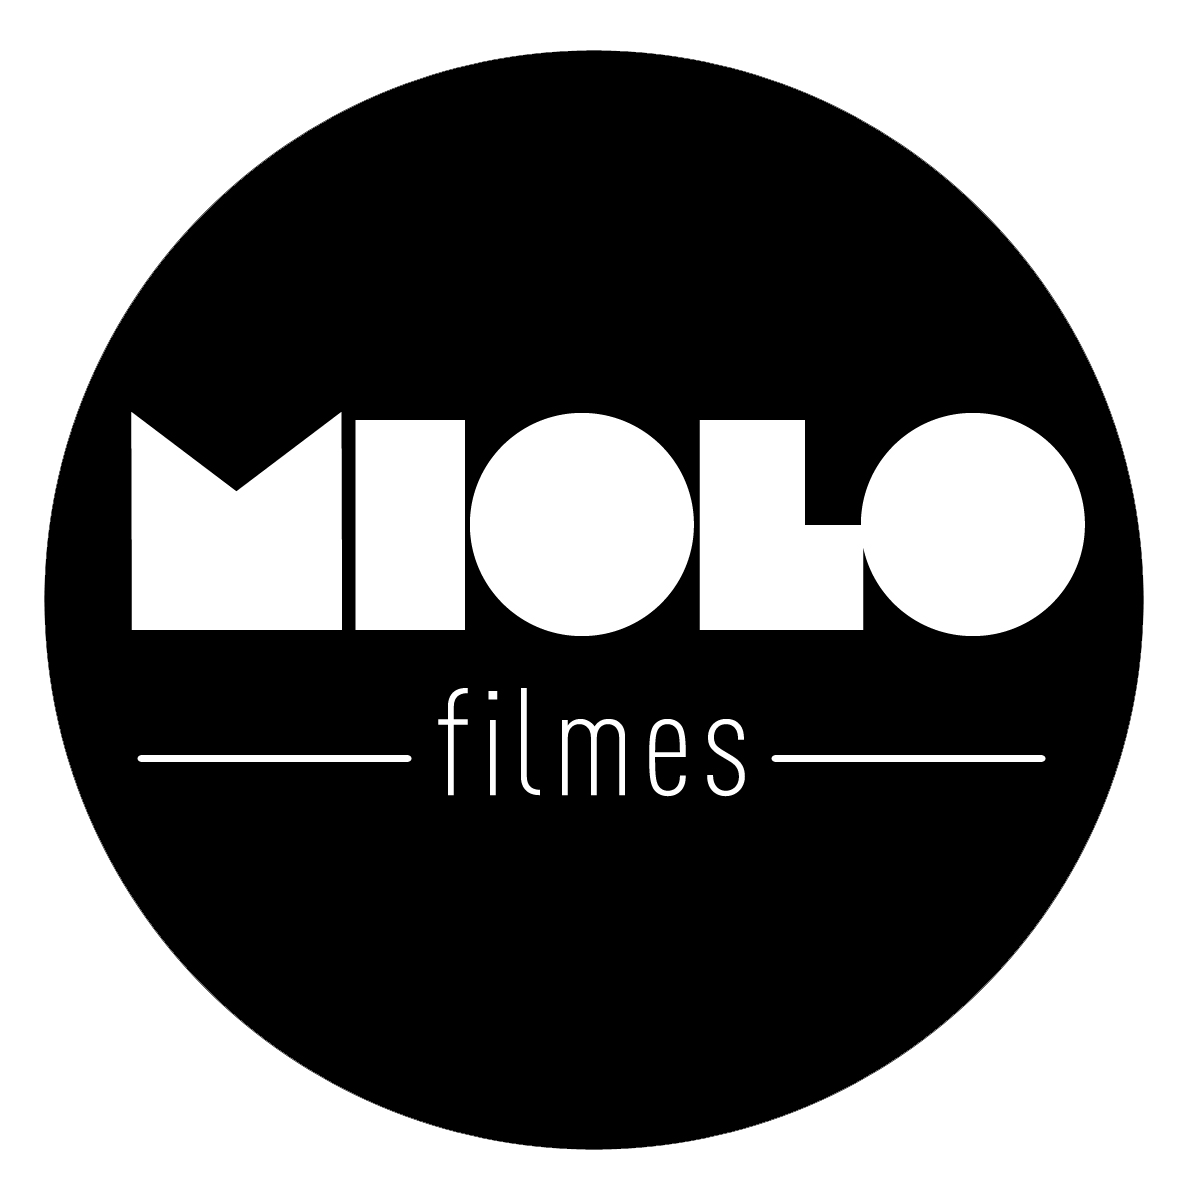 Miolo Filmes